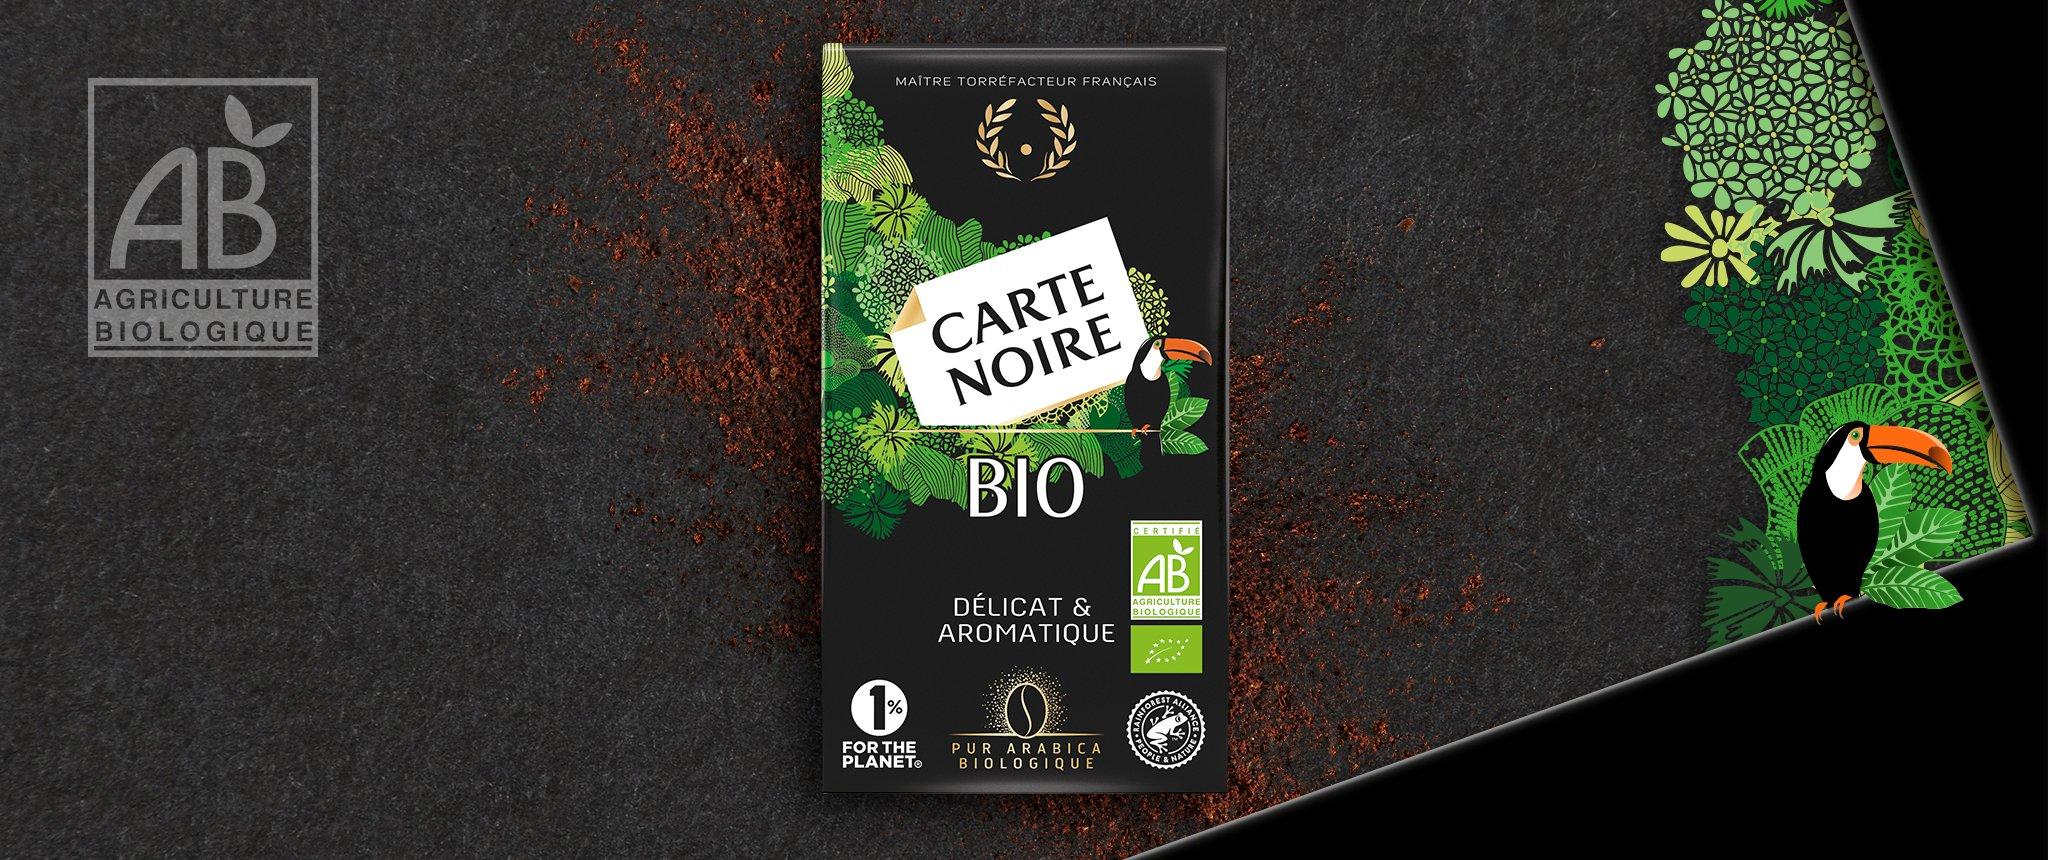 CARTE NOIRE BIO - Café biologique torréfié et moulu